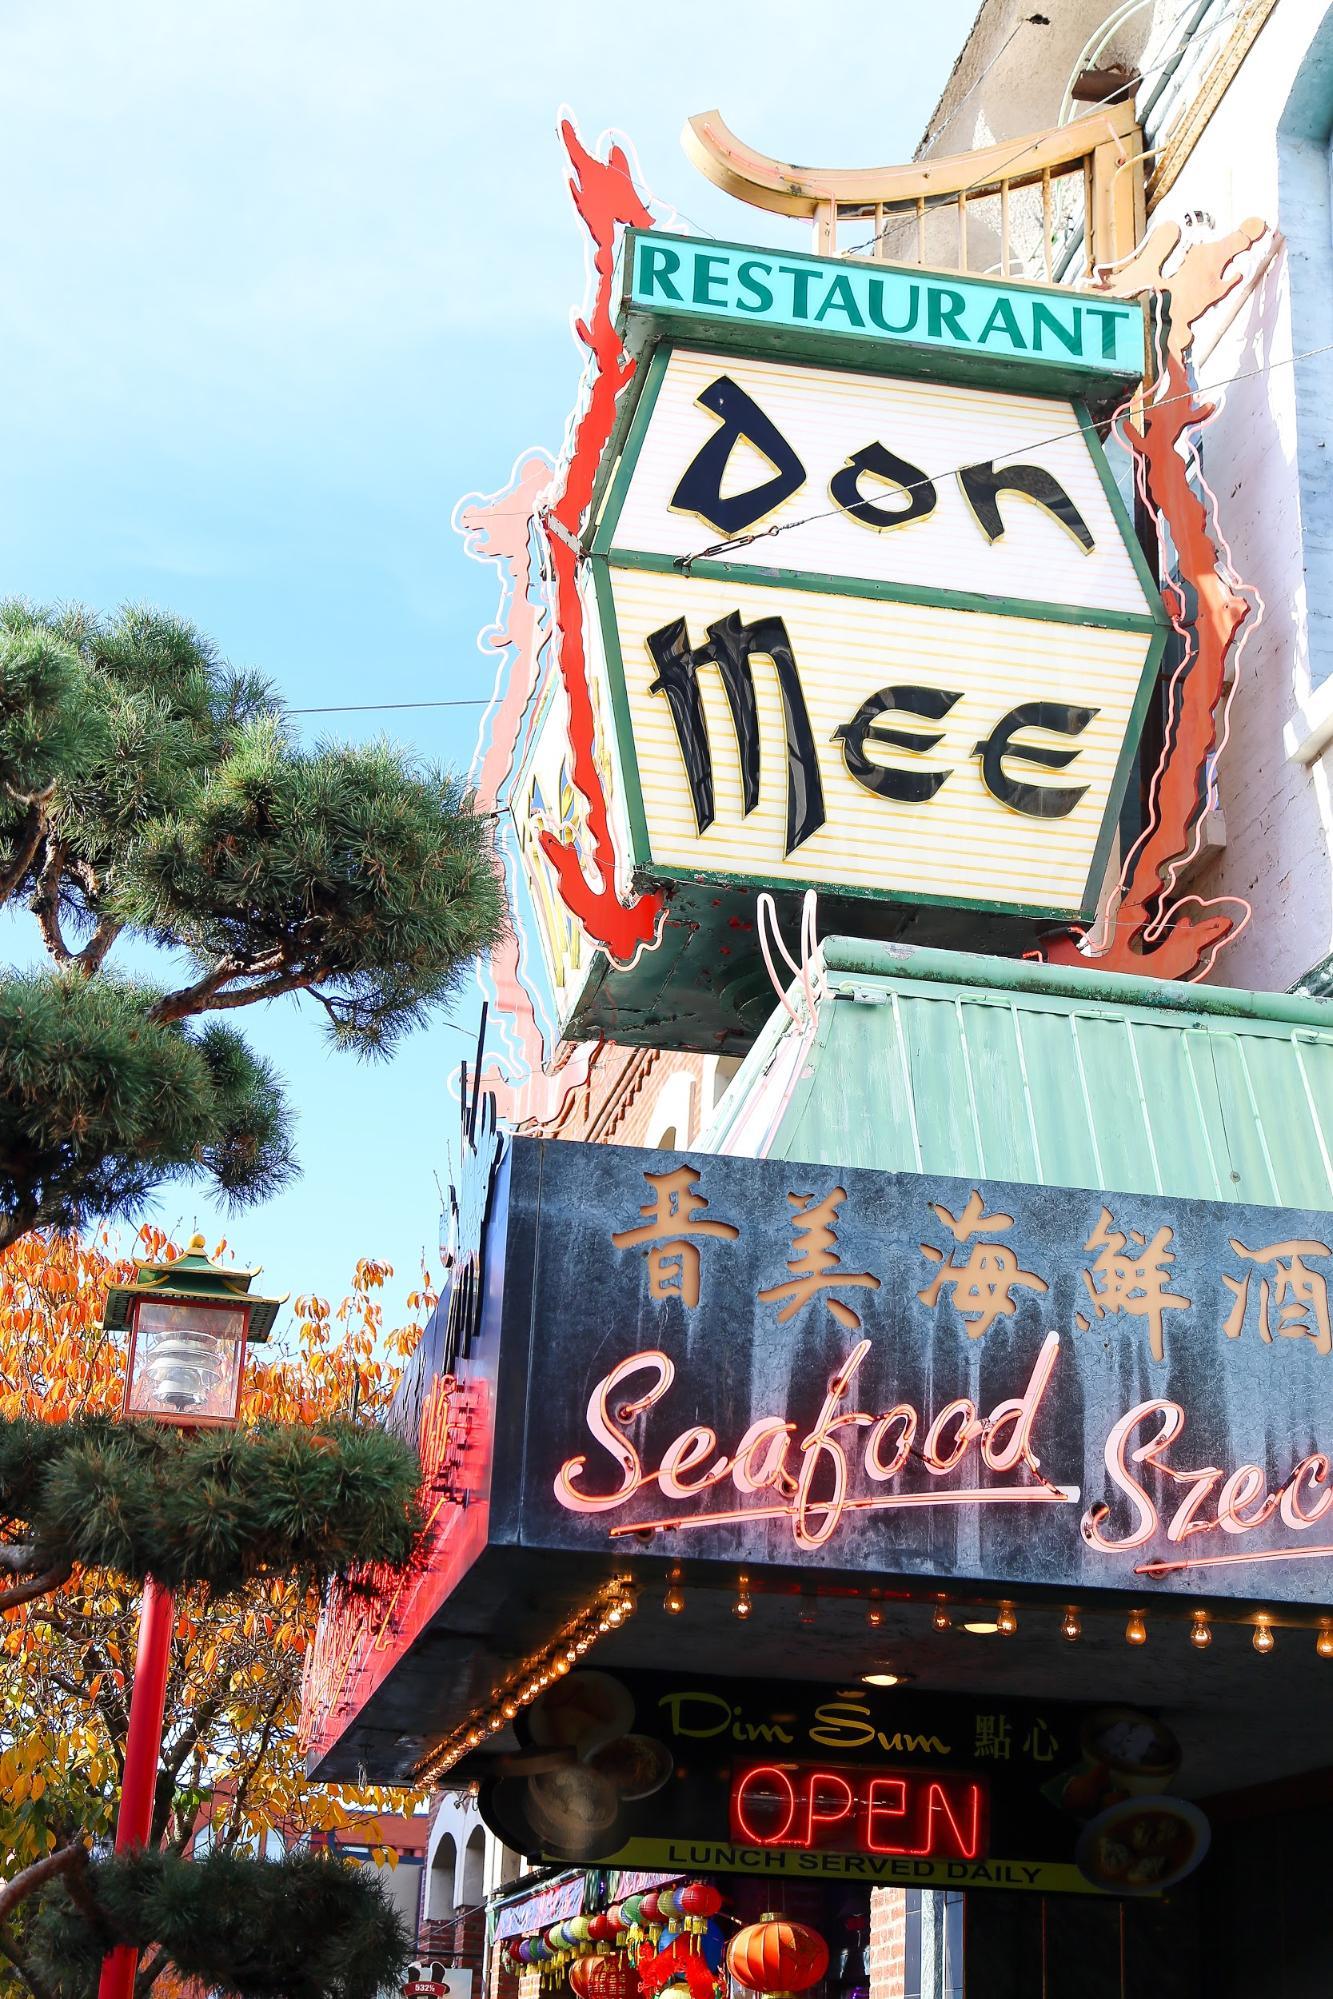 An ornate restaurant named Don Mee.